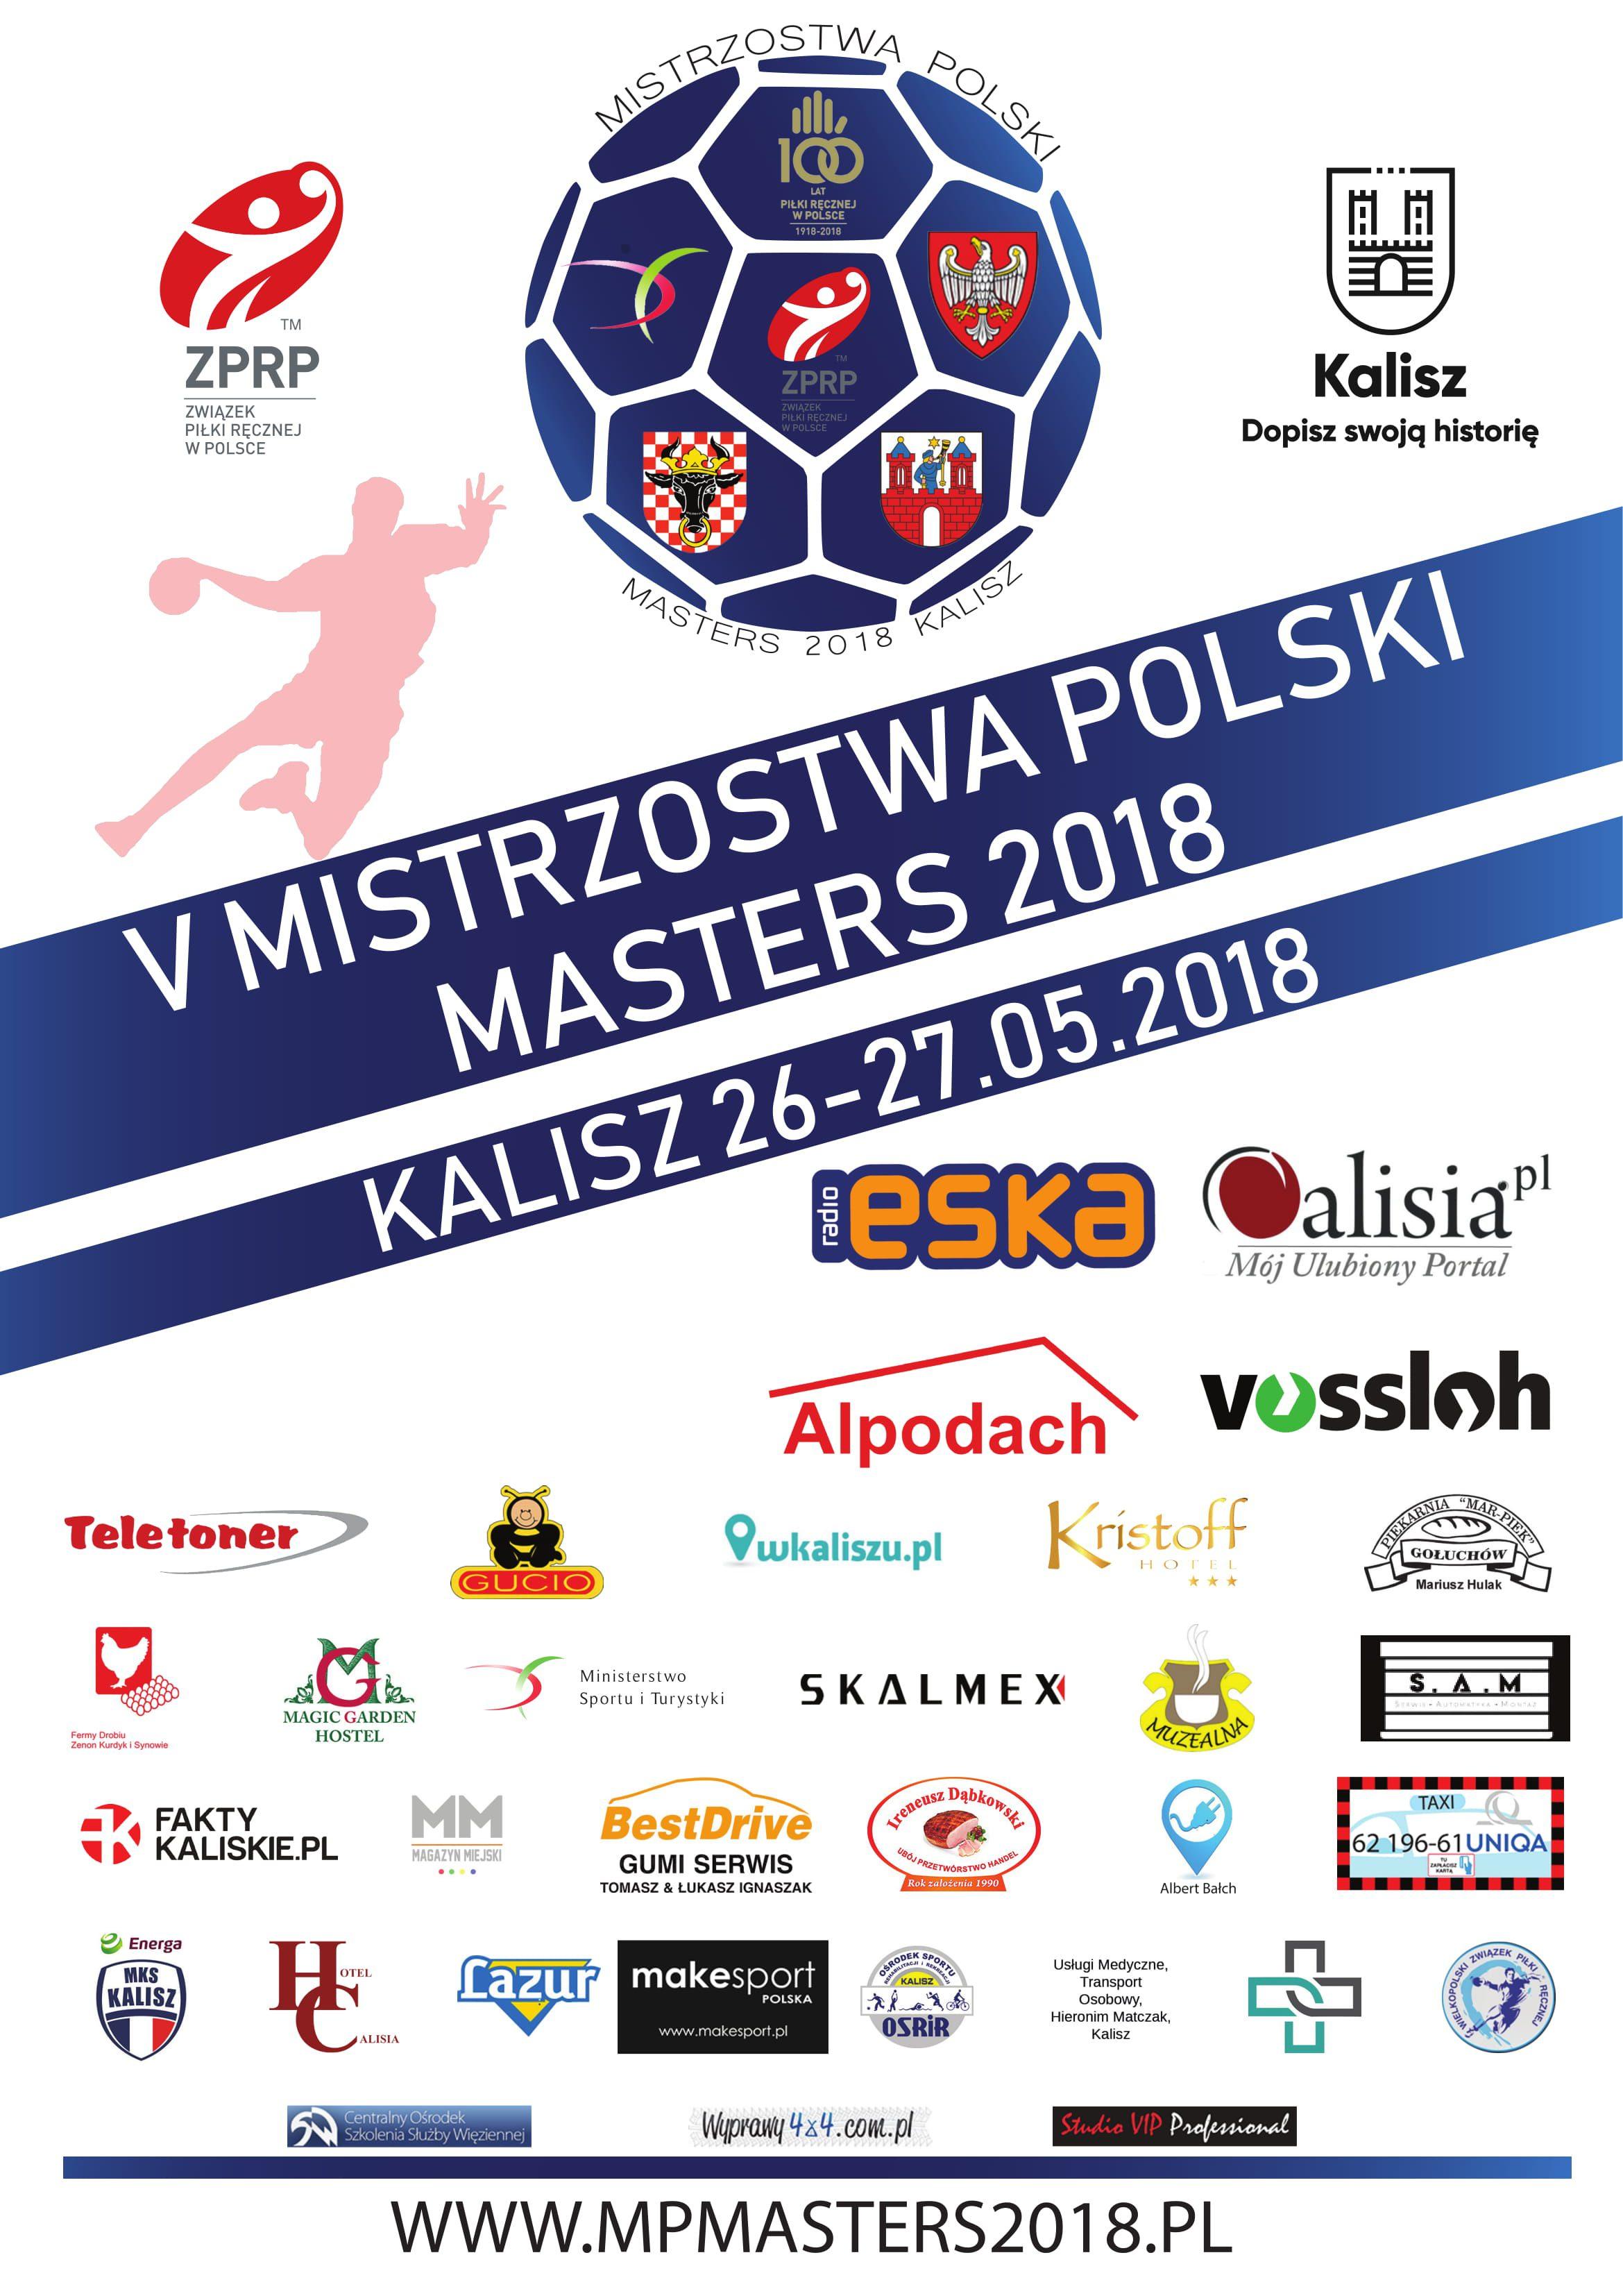 mp_masters_2018_plakatA3v228.03 v2-1